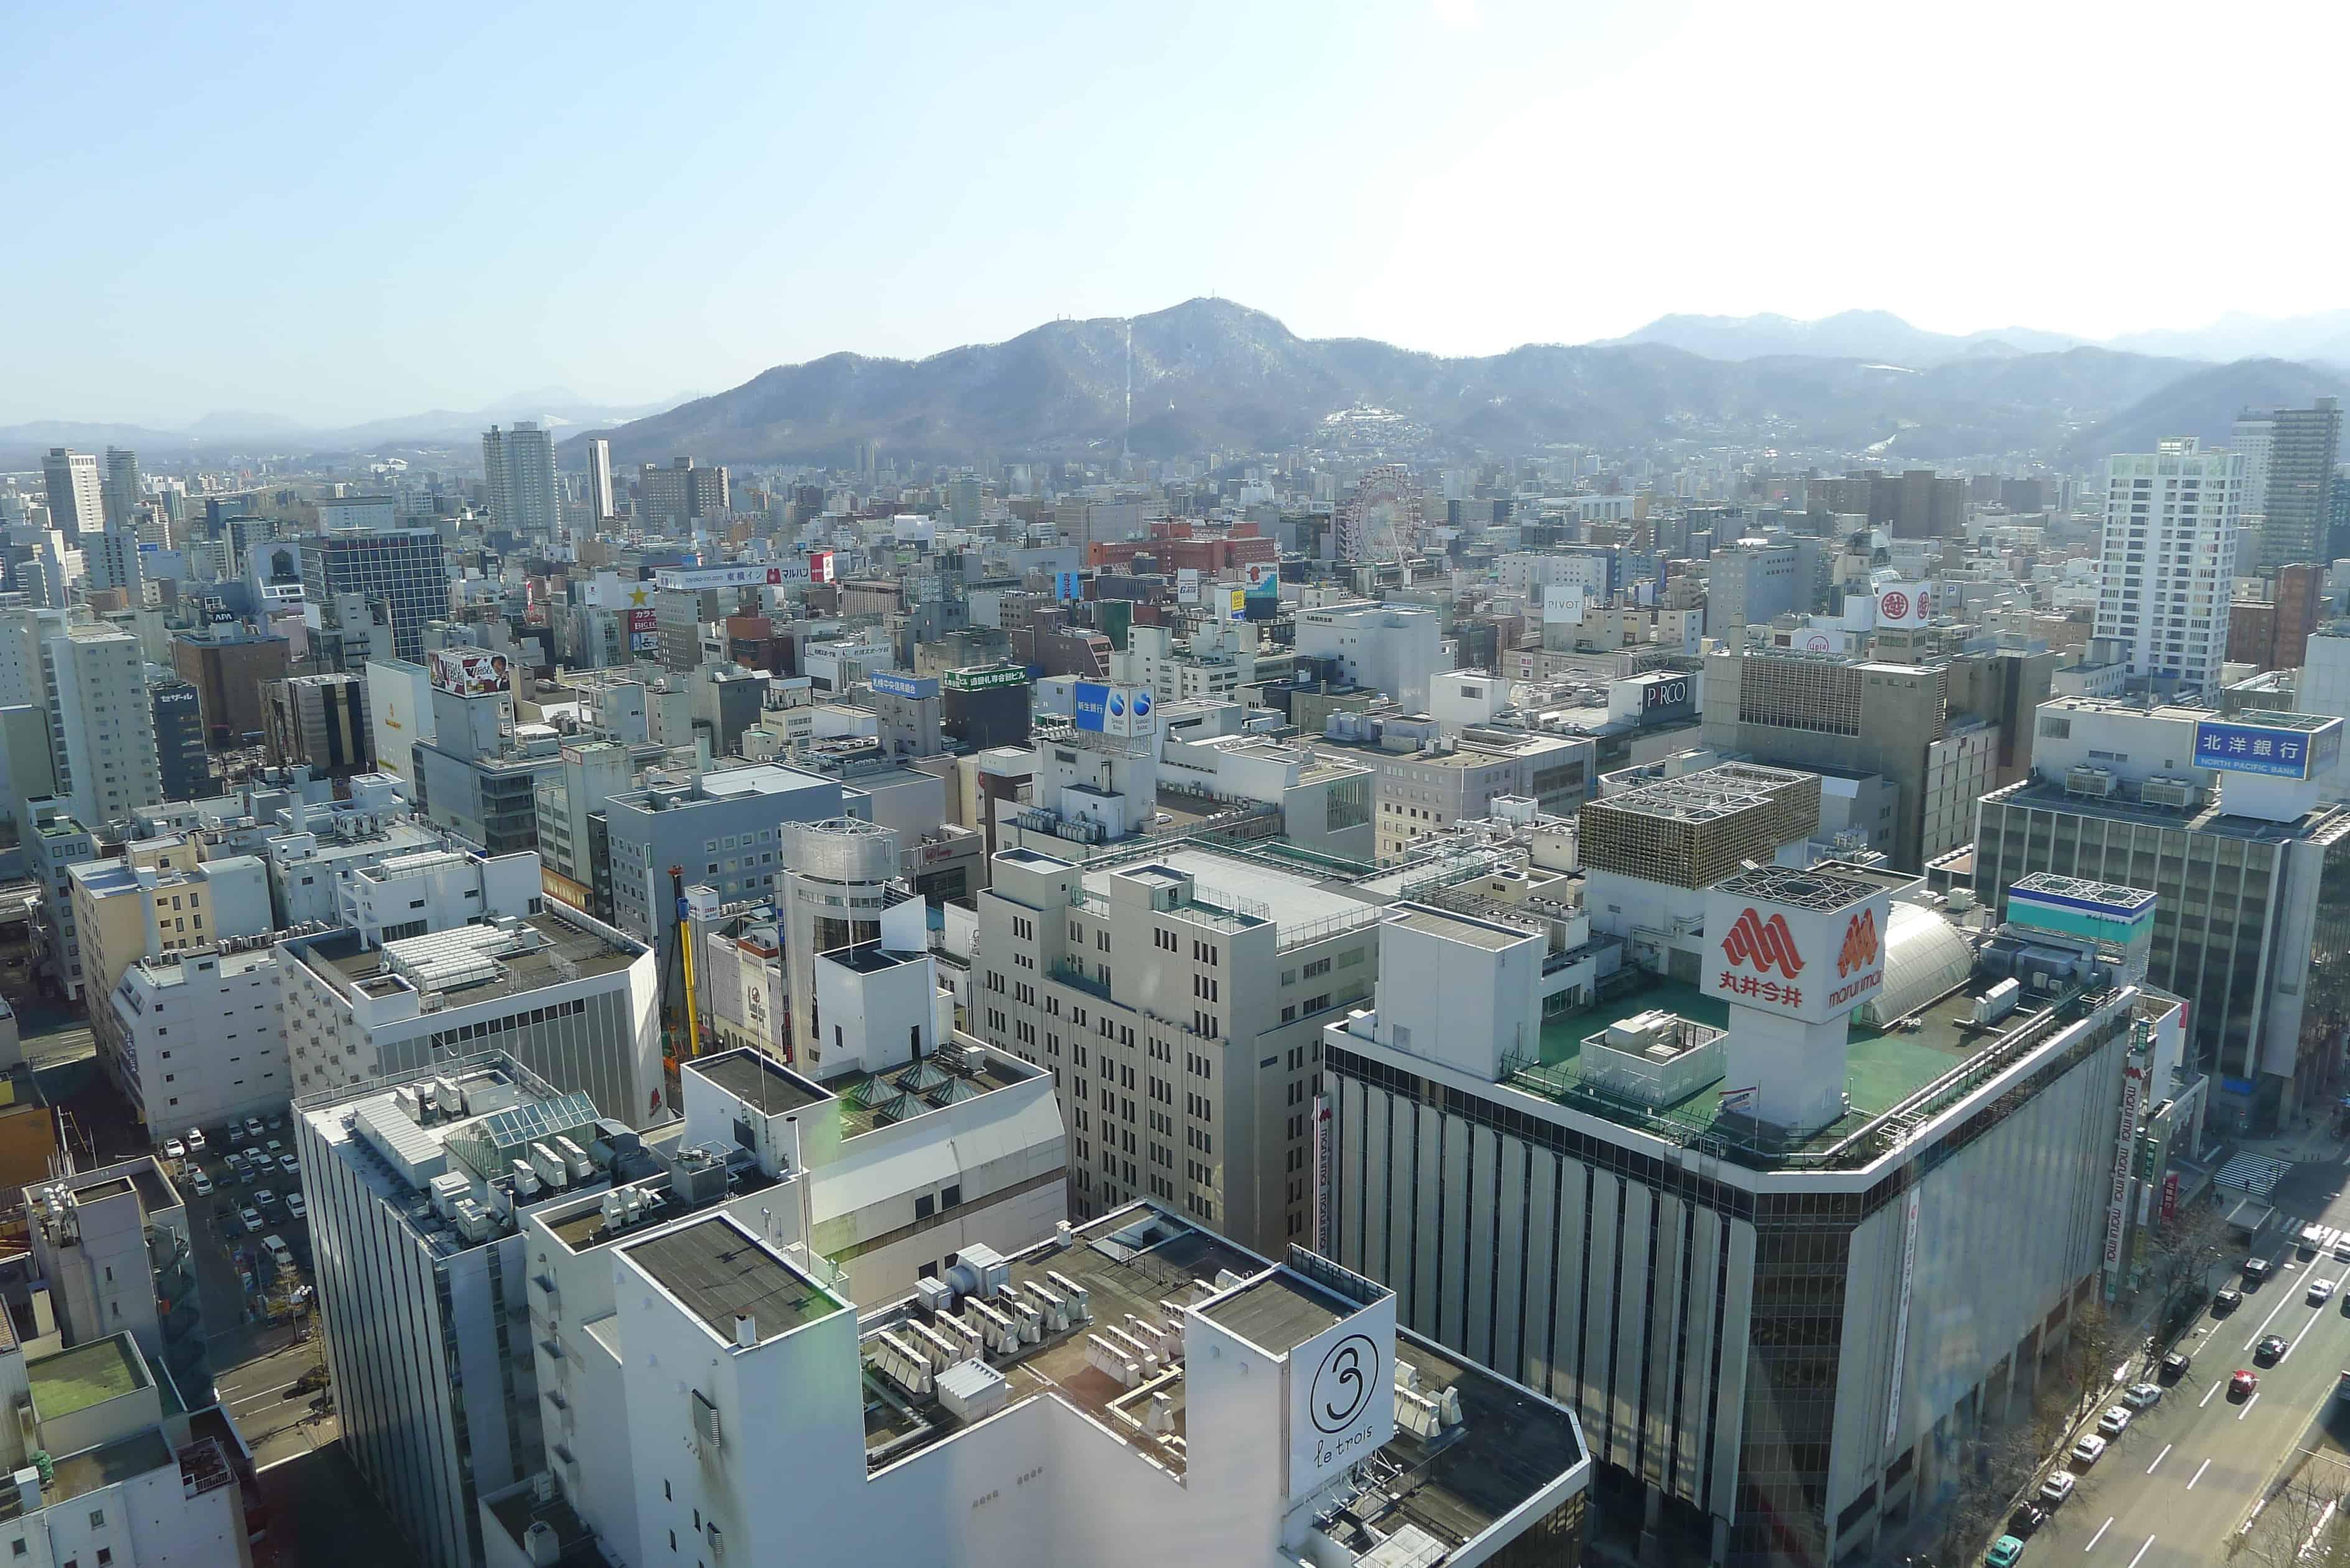 ชมวิวจาก Sapporo TV Towe สามารถมองเห็นภูเขา Mt.Moiwa ได้สบาย